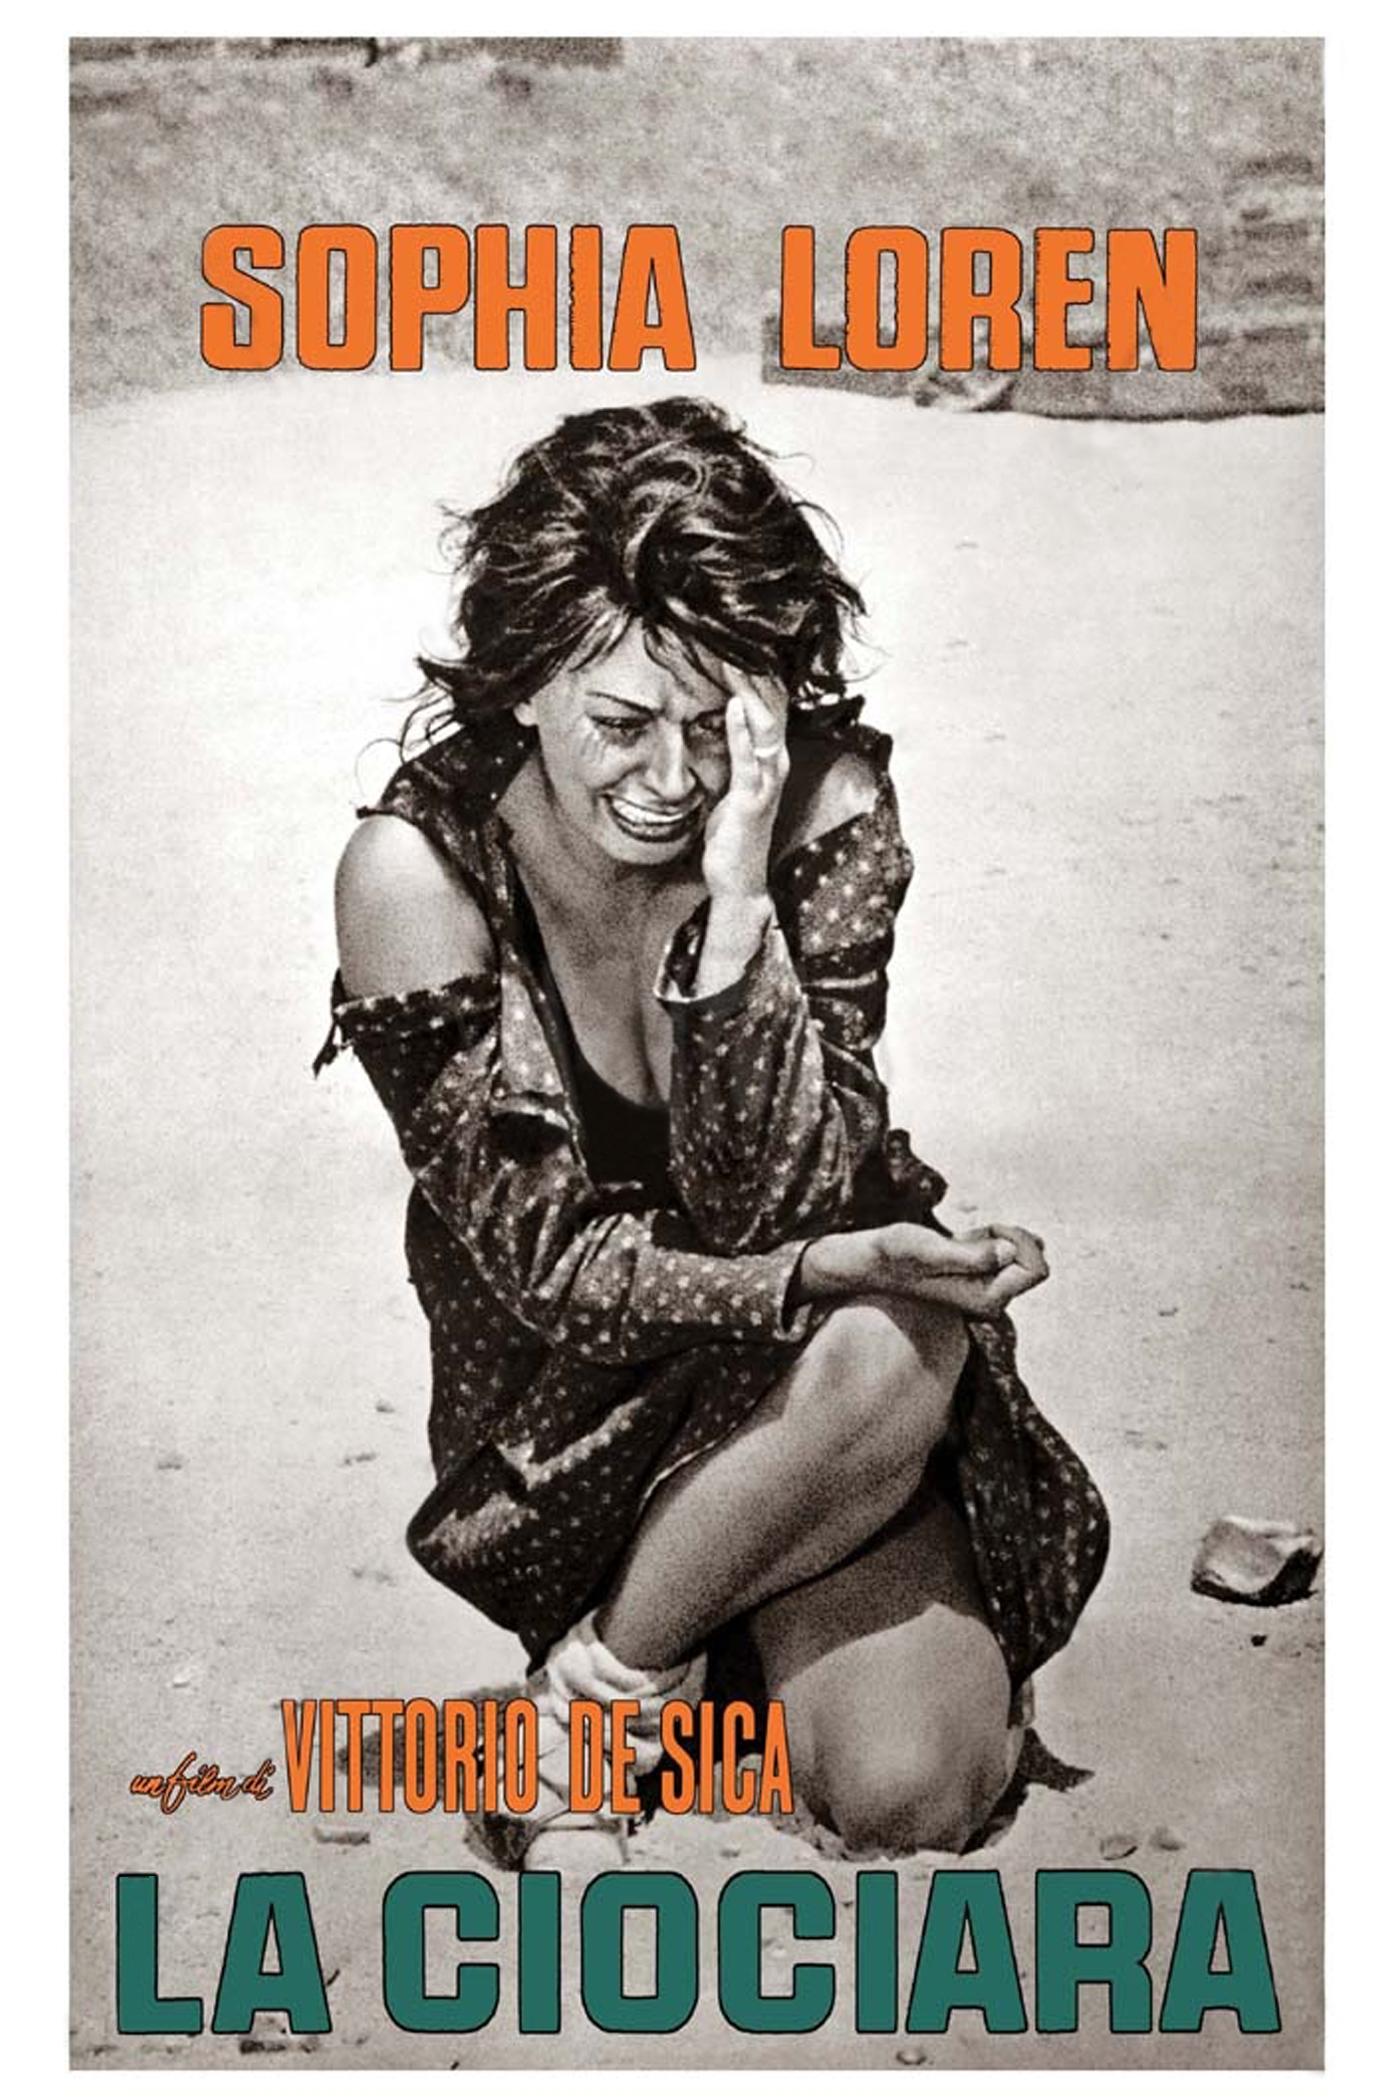 la-ciociara-film-poster-hd-sophia-loren-jean-paul-belmondo-eleonora-brown